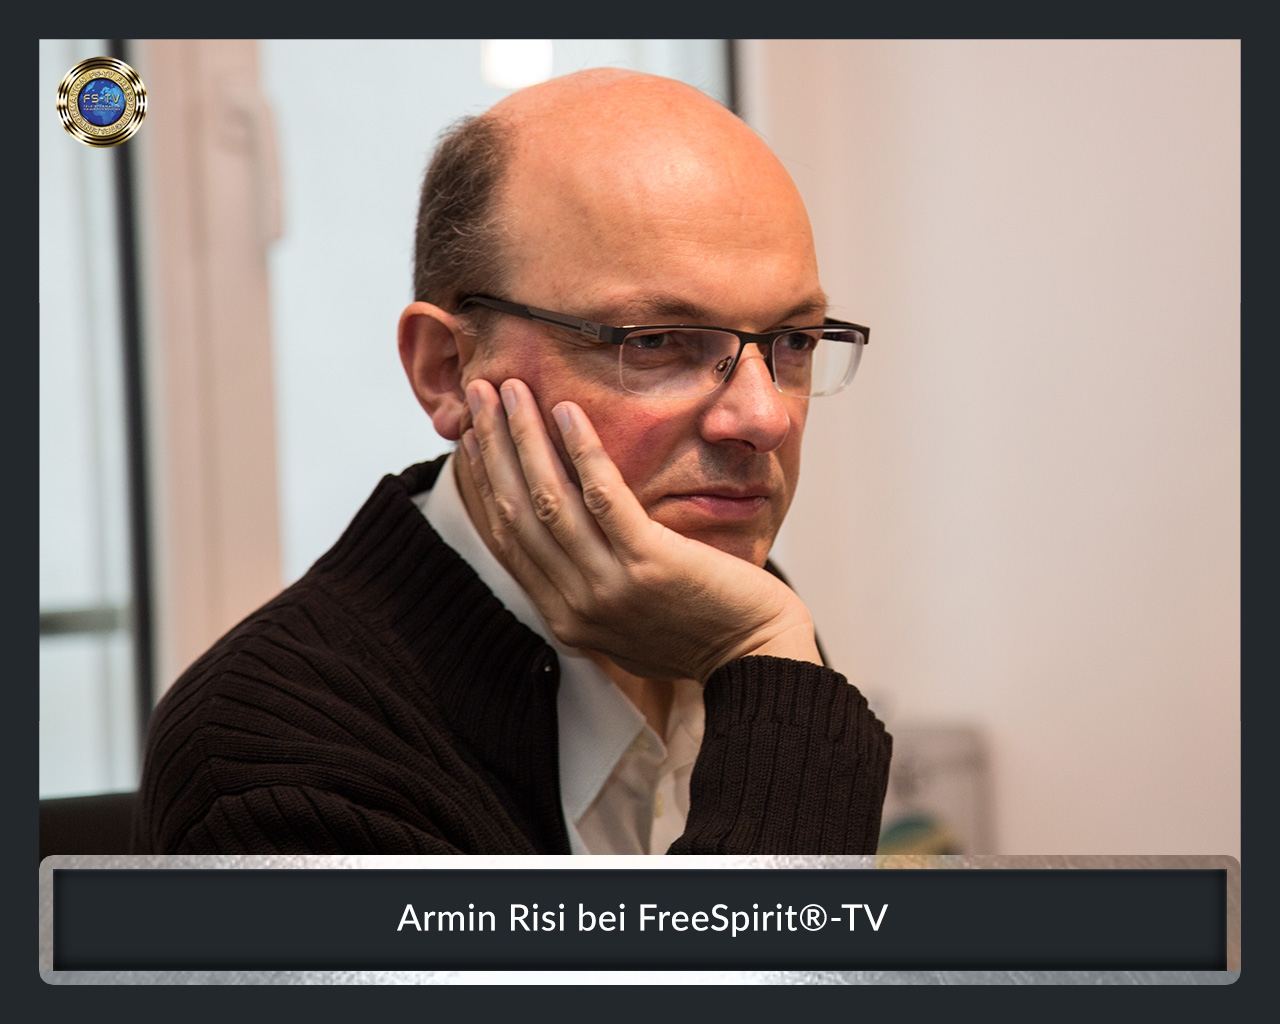 FS-TV-Bildergallerie-Armin-Risi